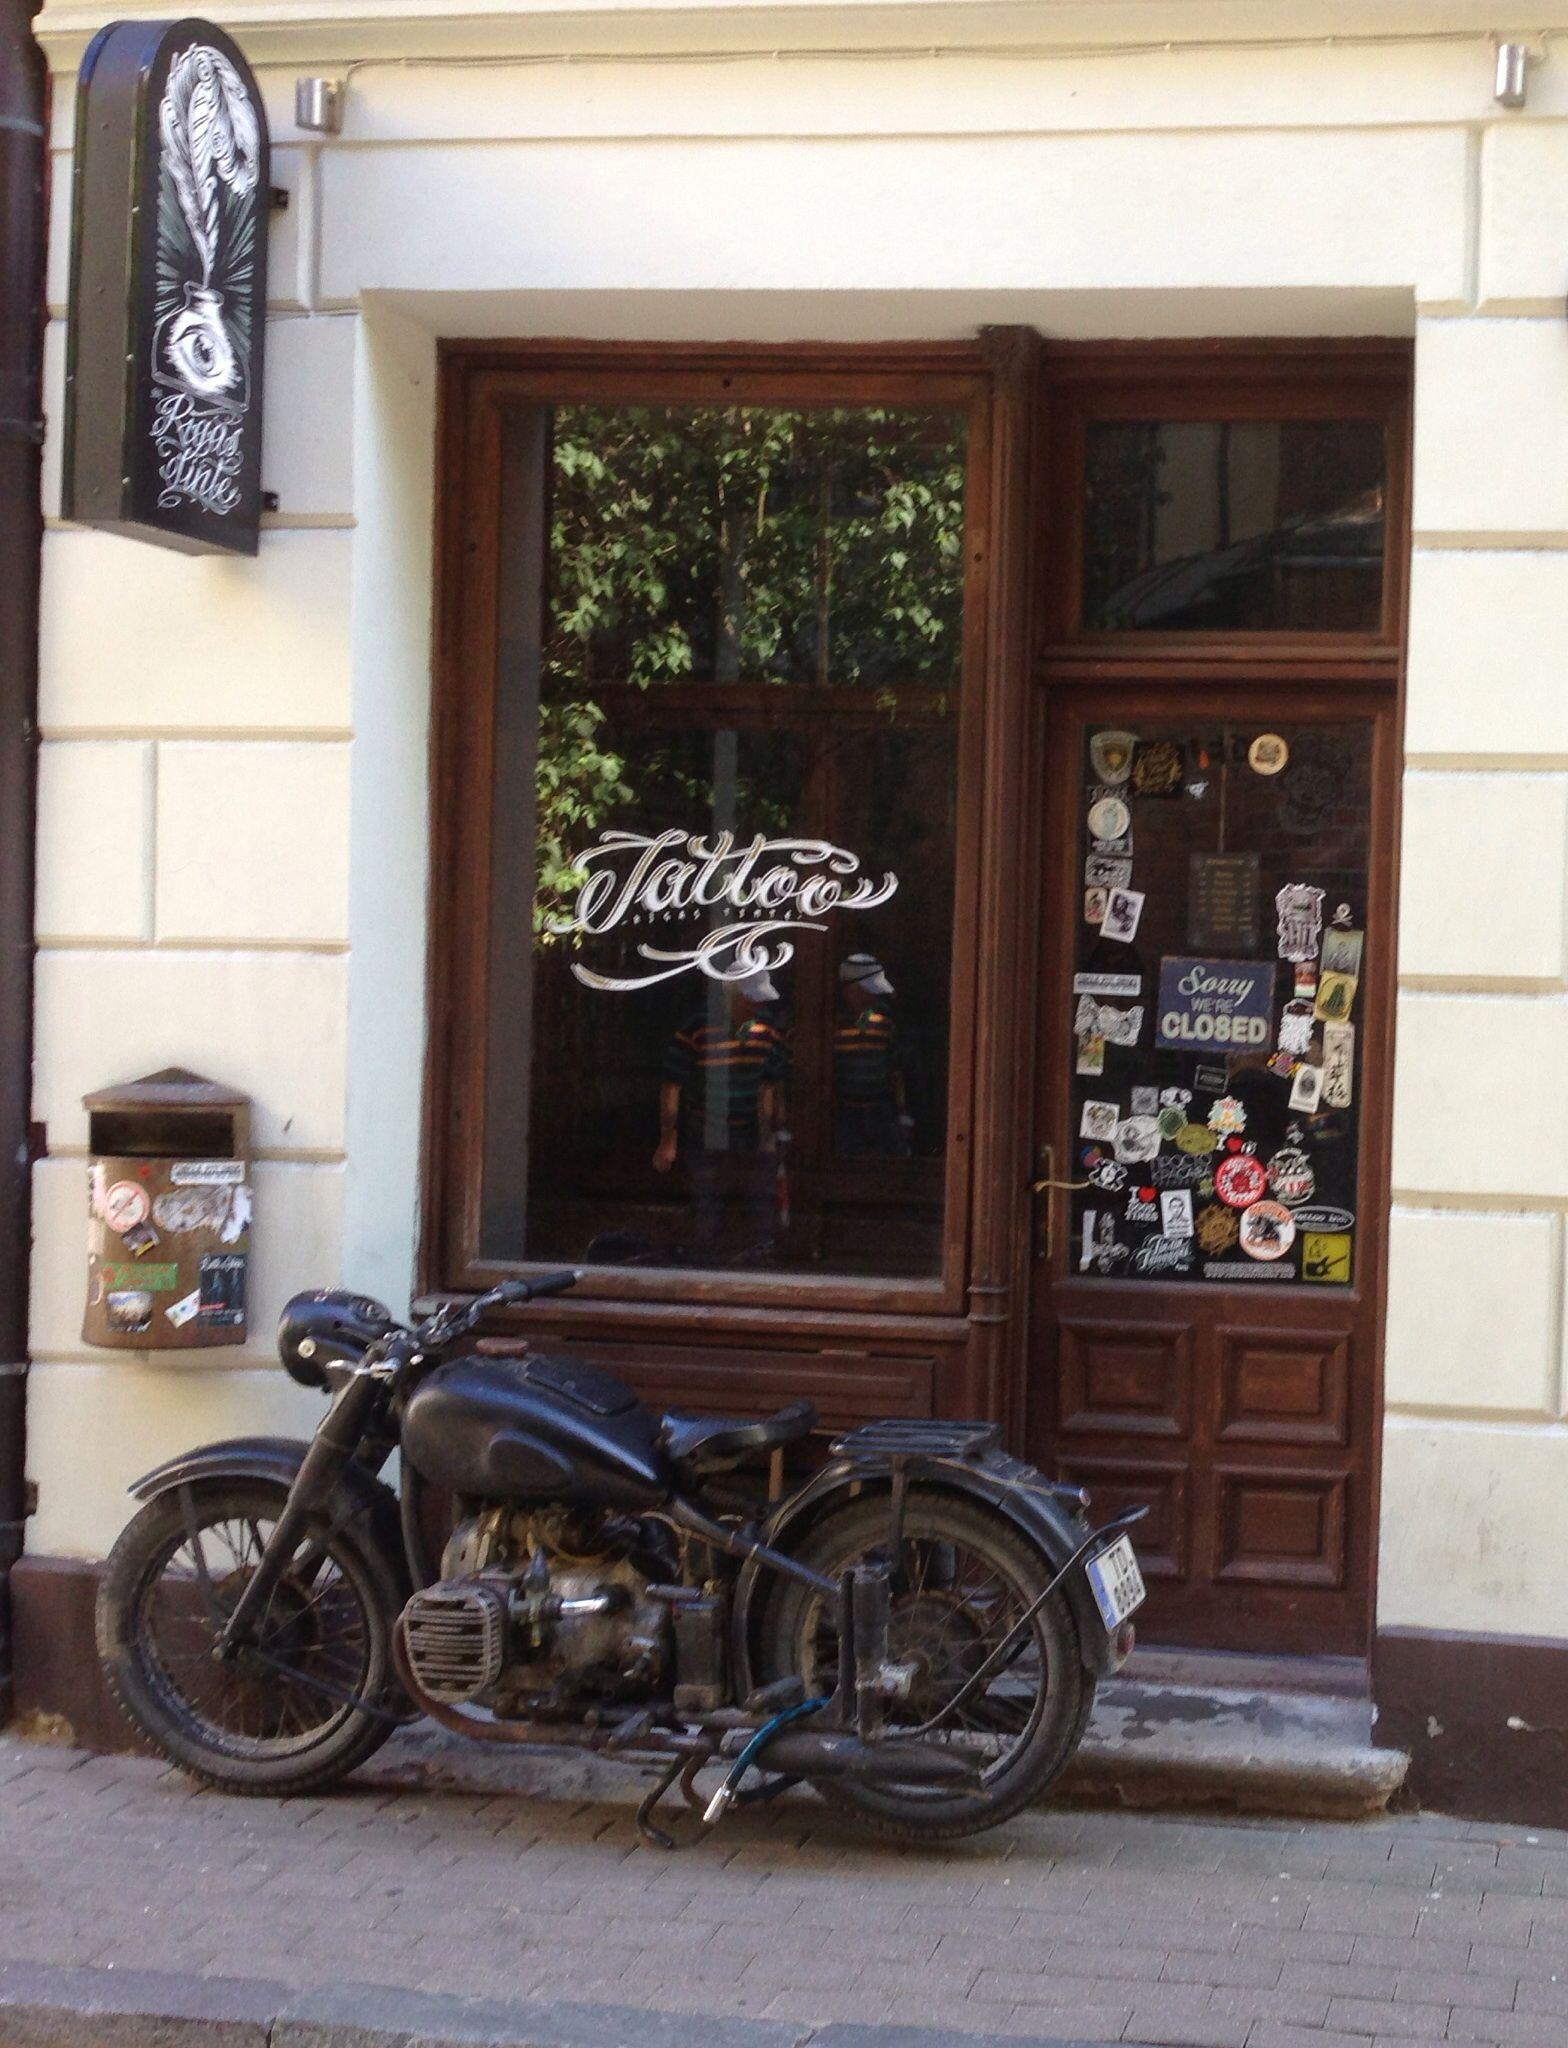 Motorcycle in front of #tattoo store in #Riga #Latvia | Riga, Latvia ...